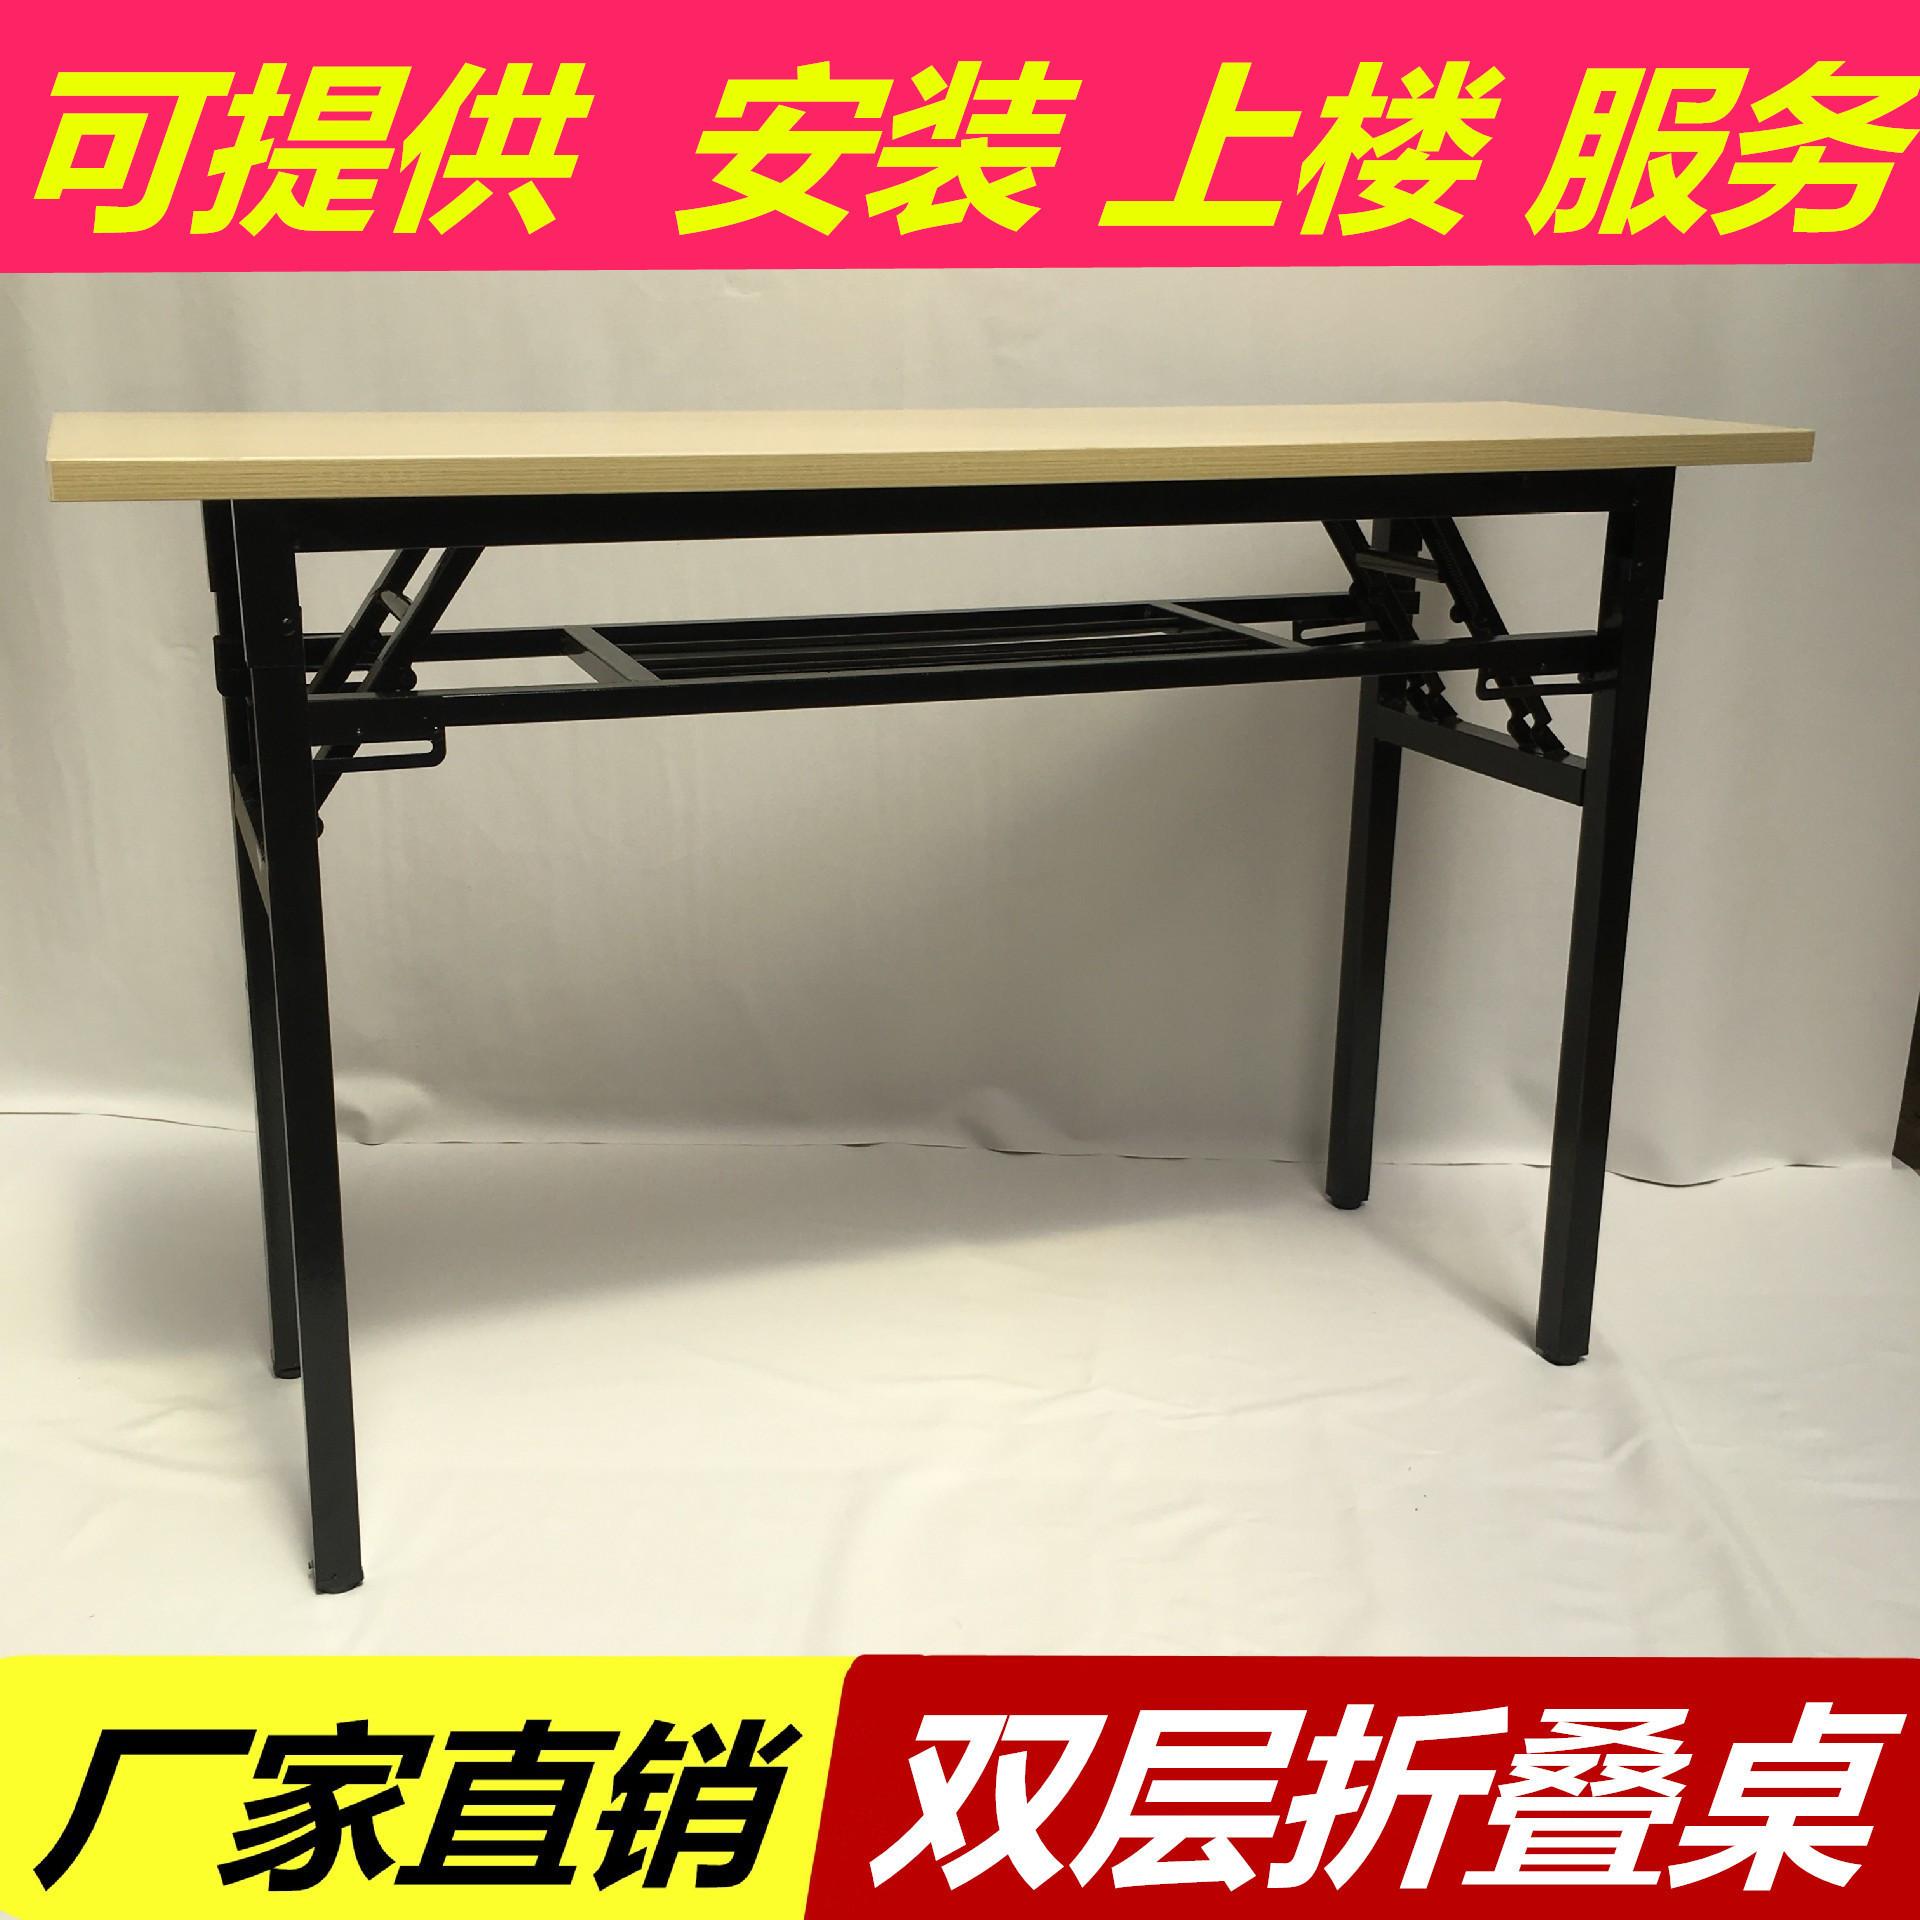 厂家批发简约培训会议桌多用折叠桌长条电脑家用快餐桌子IBM租赁